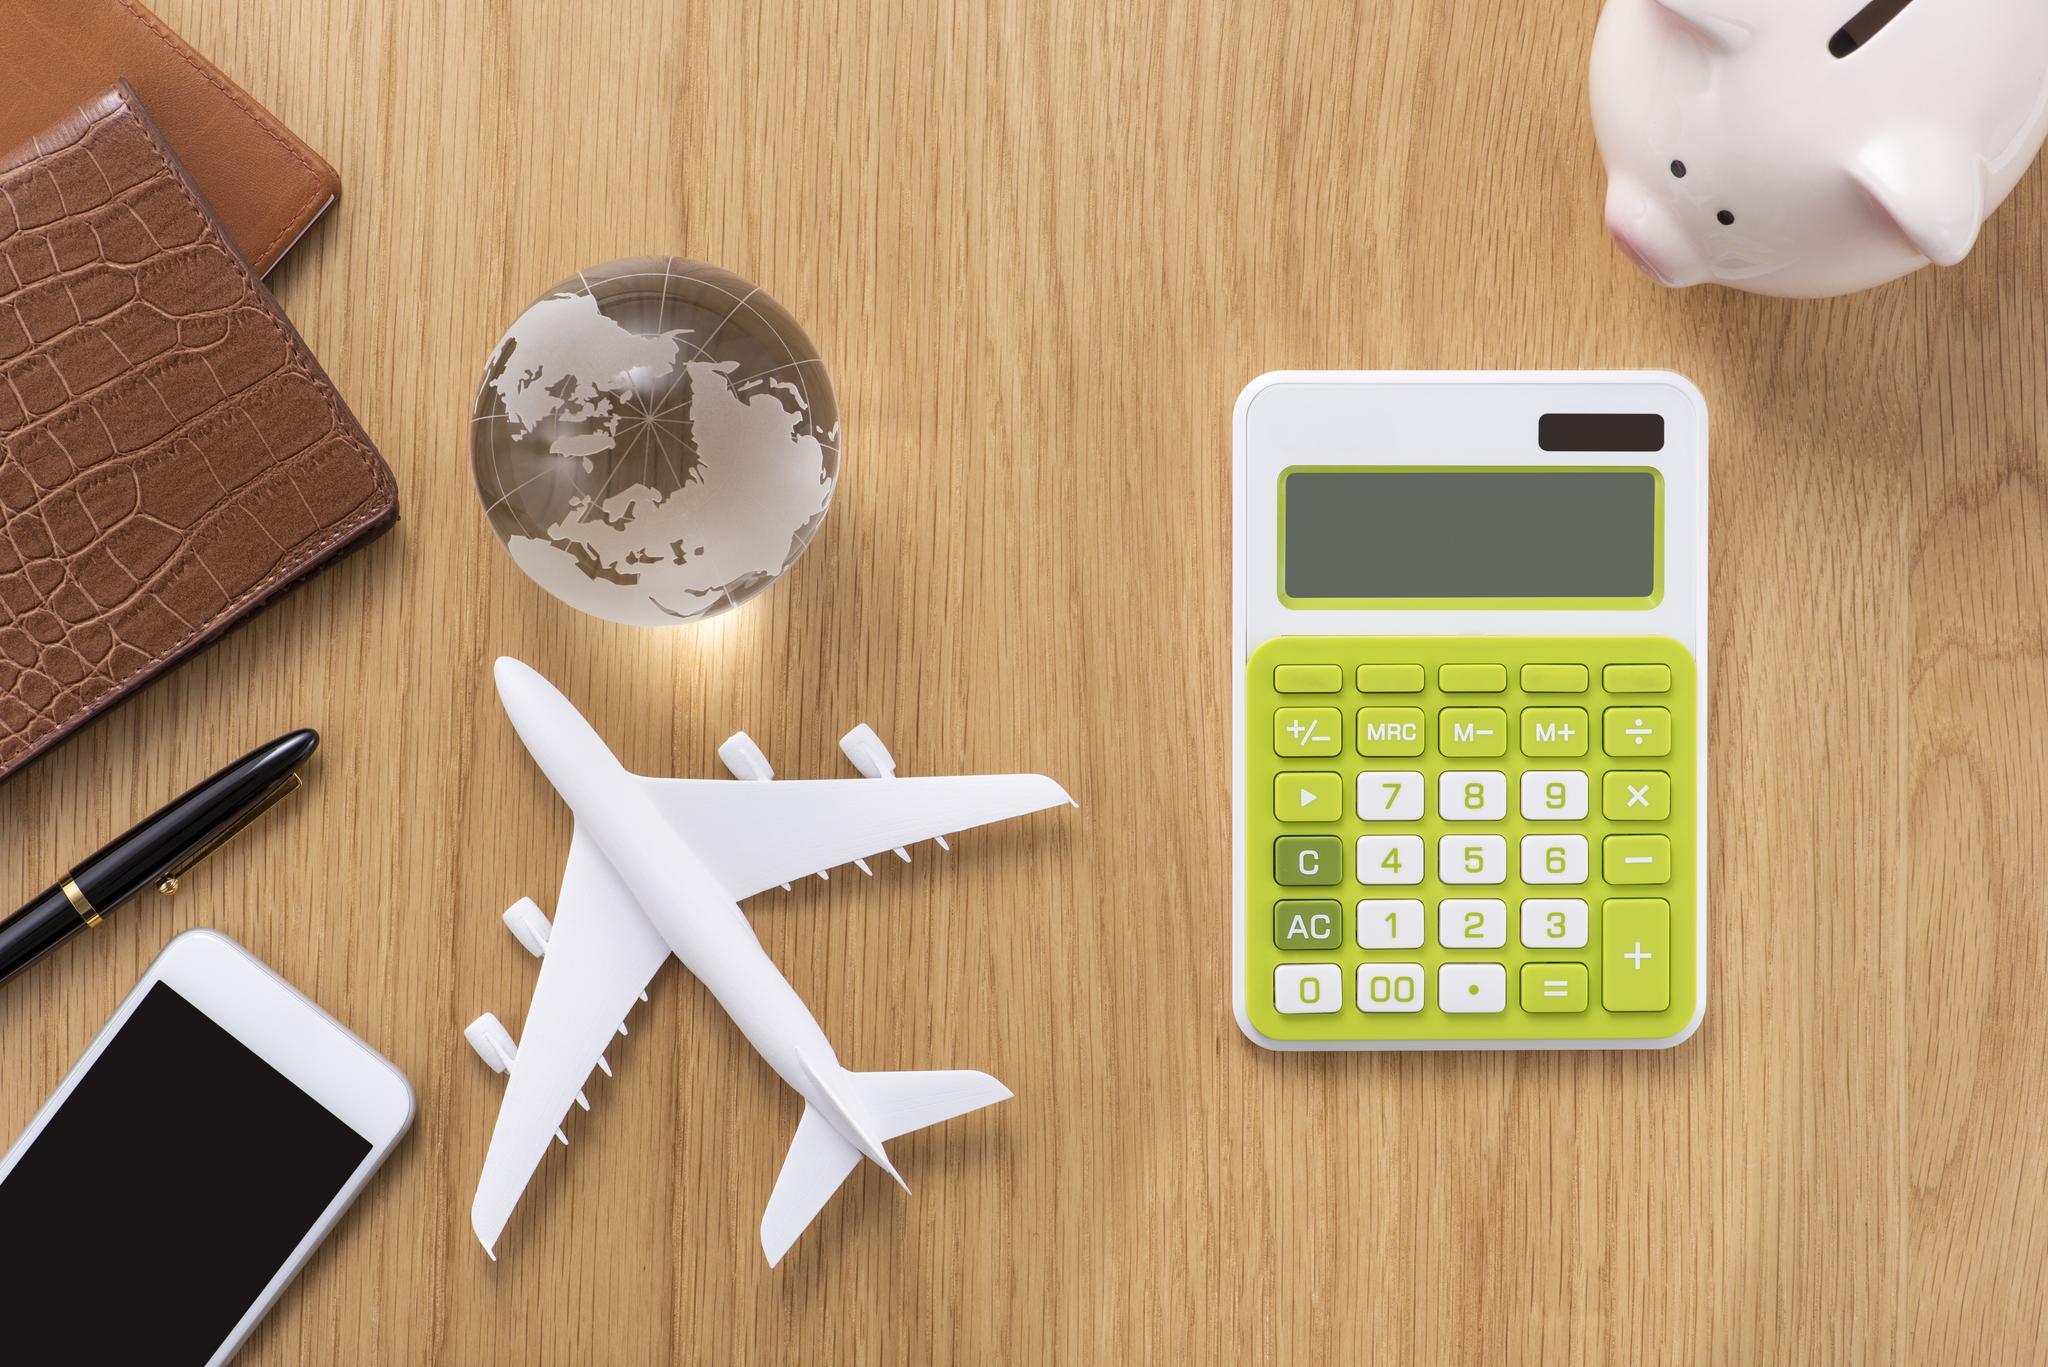 Taschenrechner, Glaskugel, weißes Spielzeug-Flugzeug, Handy, Sparschwein und Kugelschreiber auf Holztisch